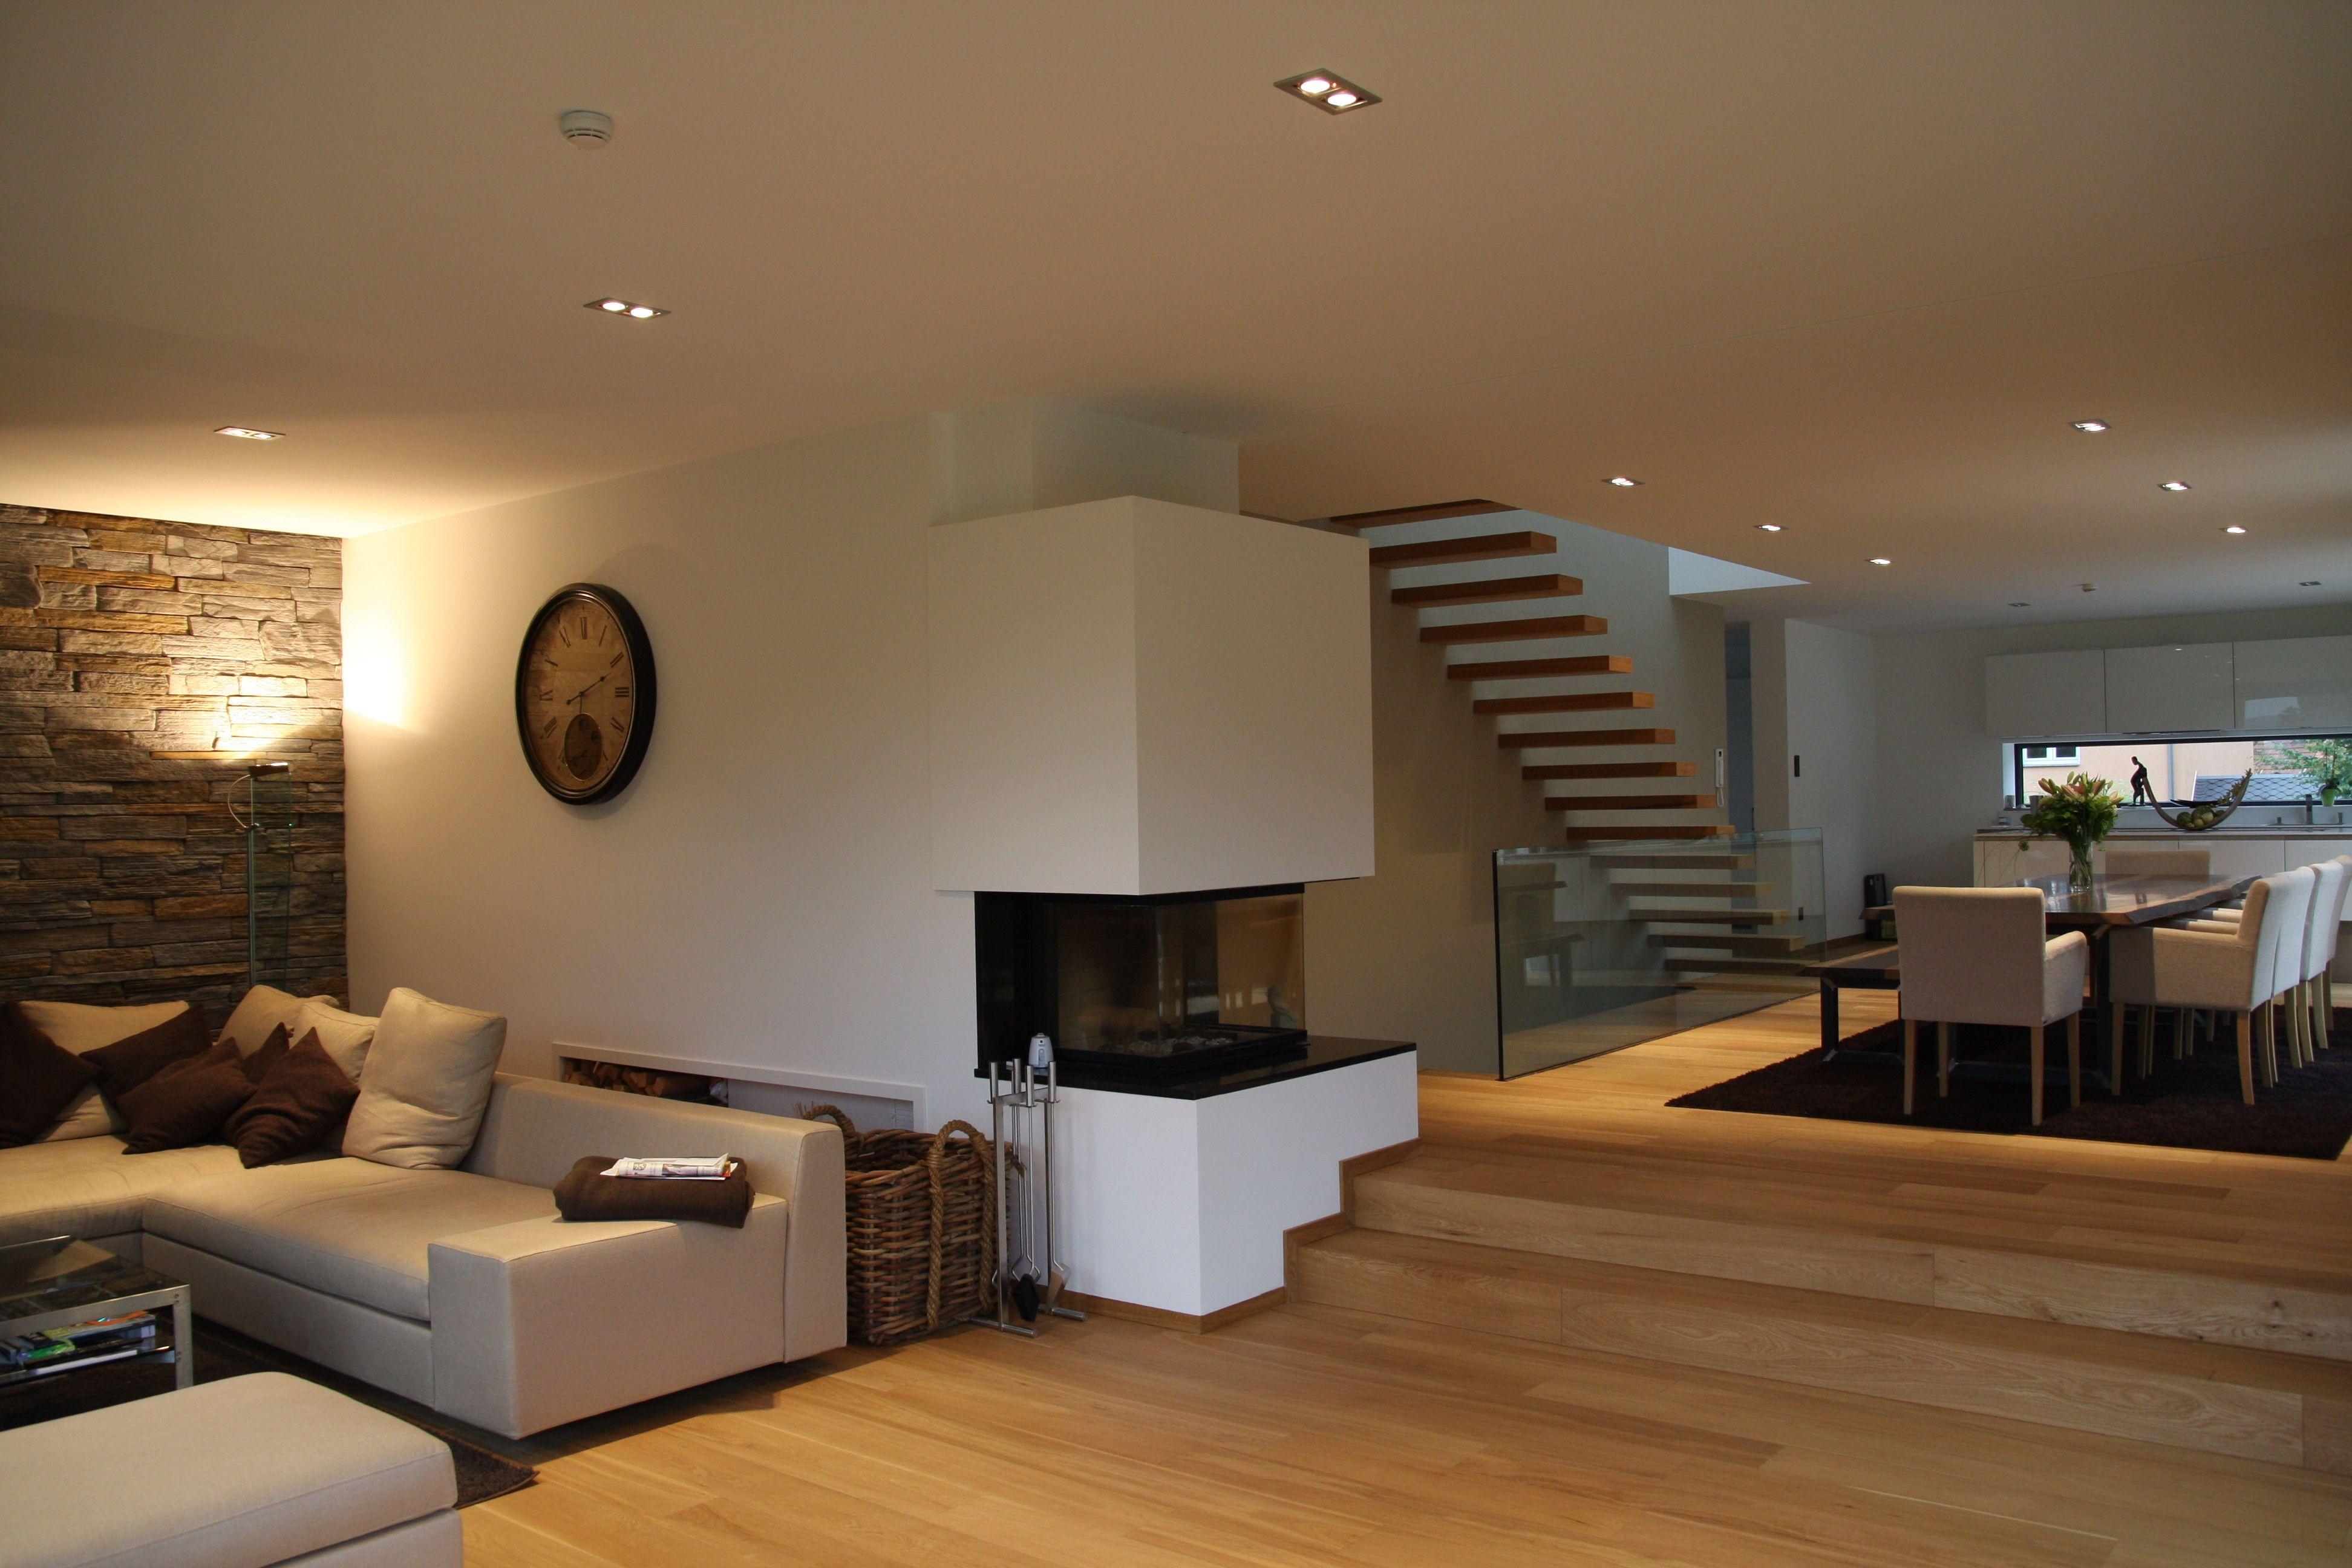 kleine zimmerrenovierung kucheninsel hack design, esszimmer im offenen wohnbereich | apartment style | pinterest, Innenarchitektur